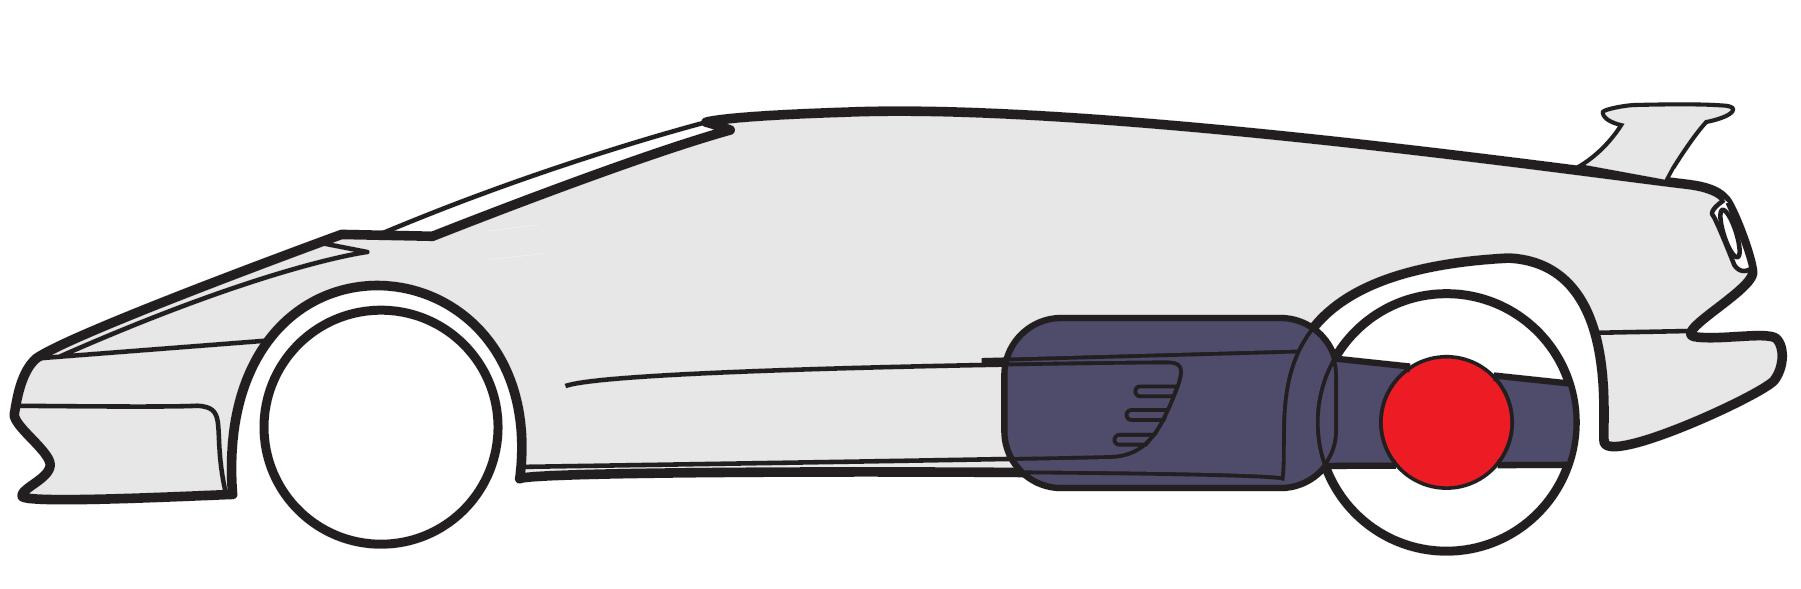 Подовжнє розташування двигуна перед задньою віссю з приводом на задні колеса